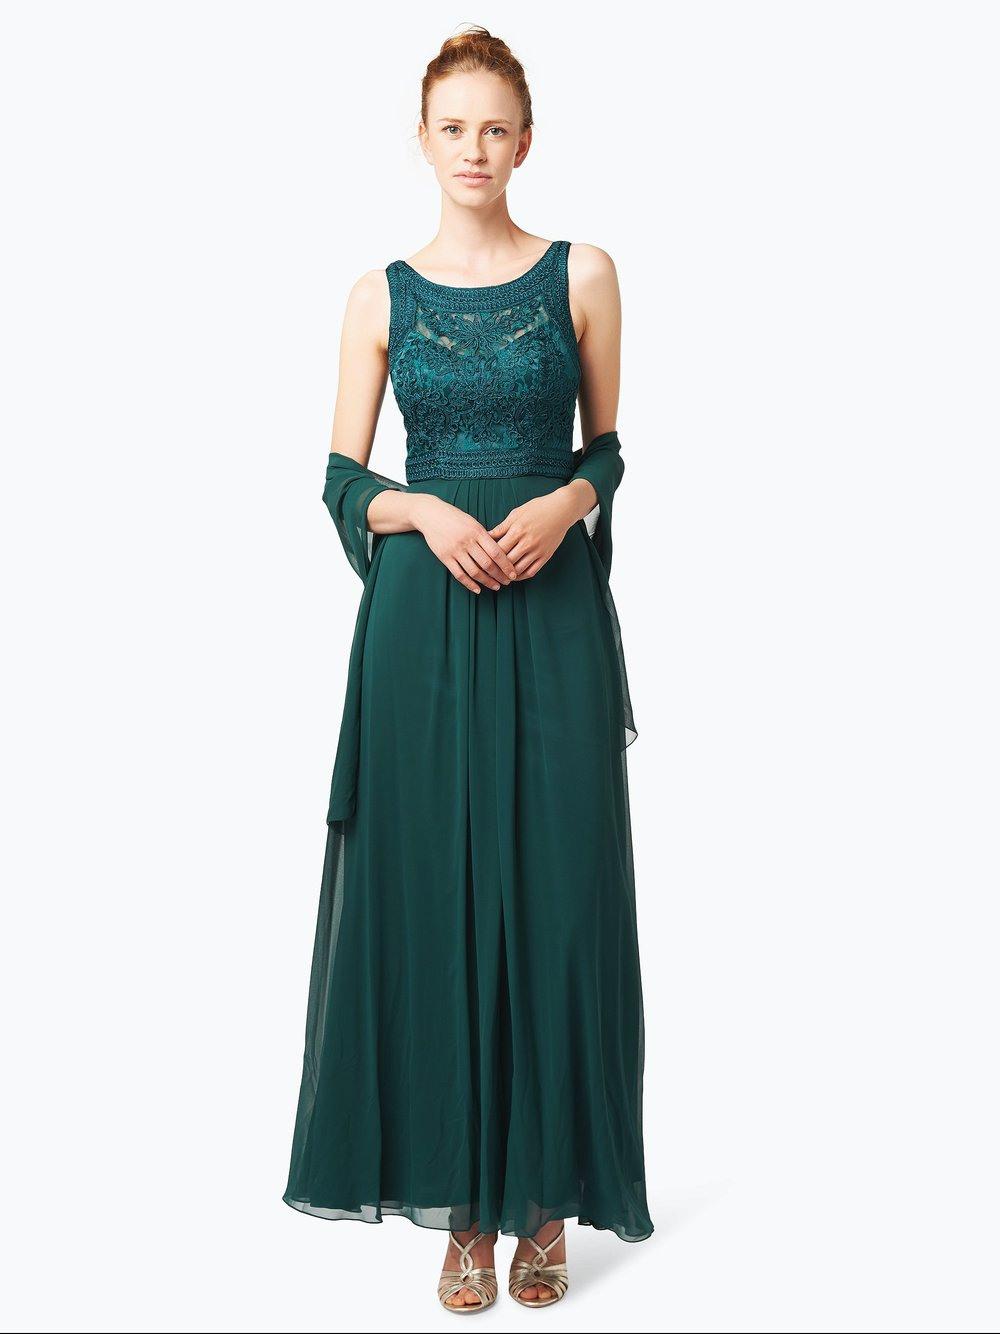 20 Luxus Abendkleider Damen GalerieAbend Elegant Abendkleider Damen Galerie